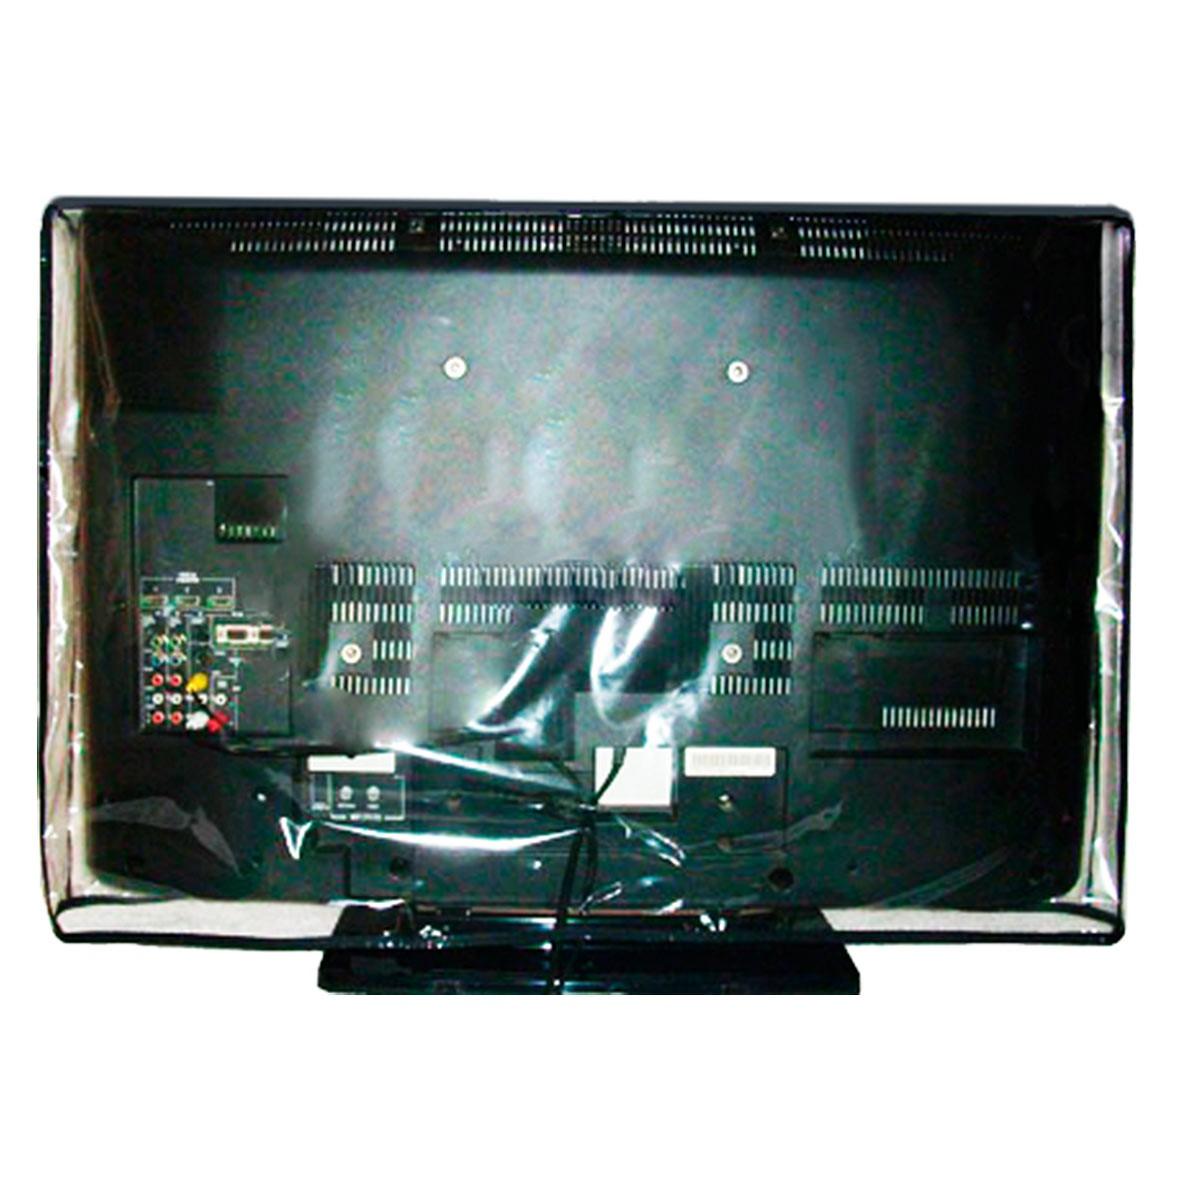 Capa Em Pvc Cristal Para Tv Led 32 - Fechada Atrás